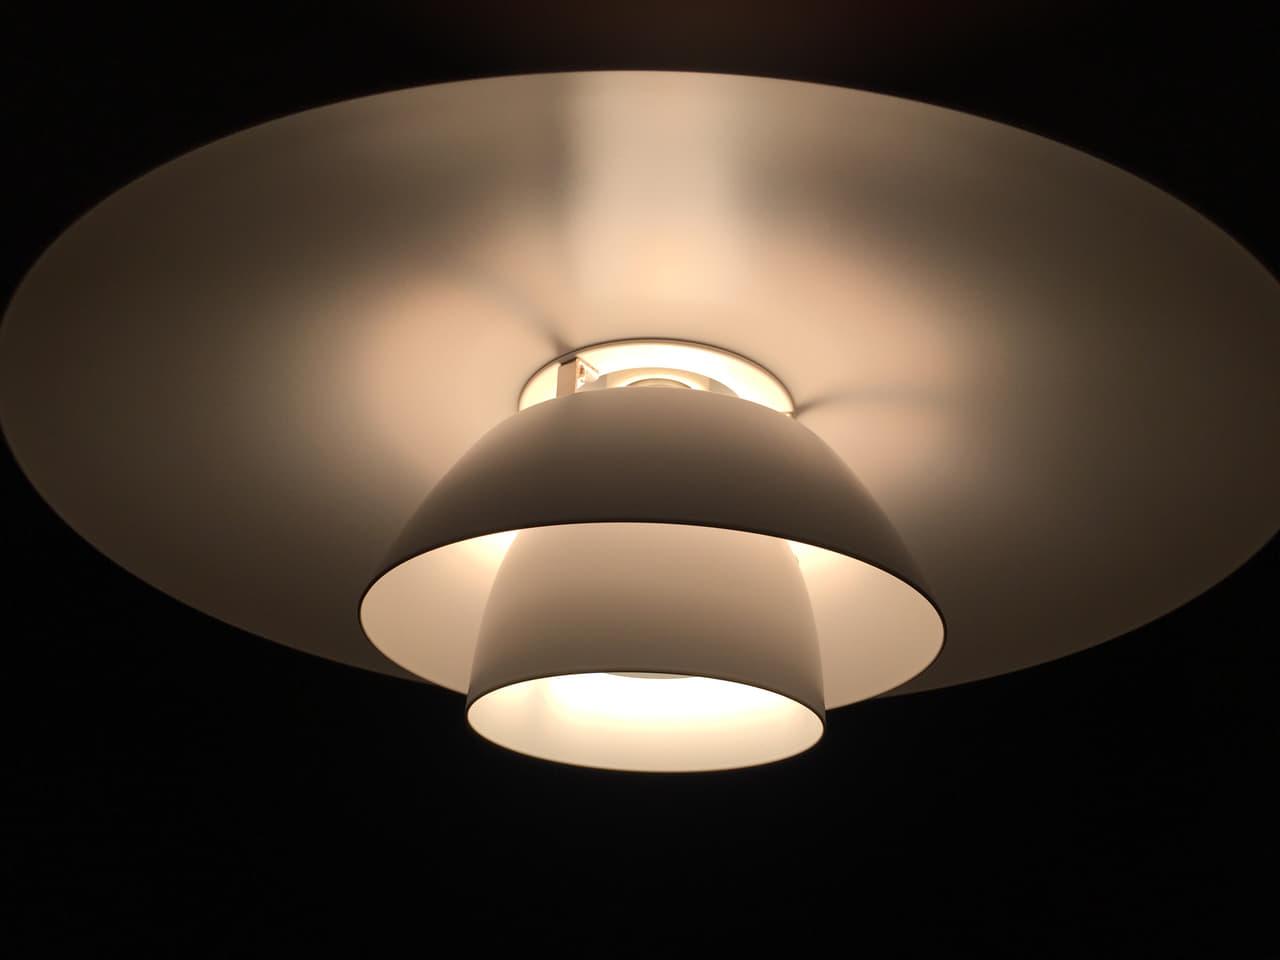 照明の明るさ